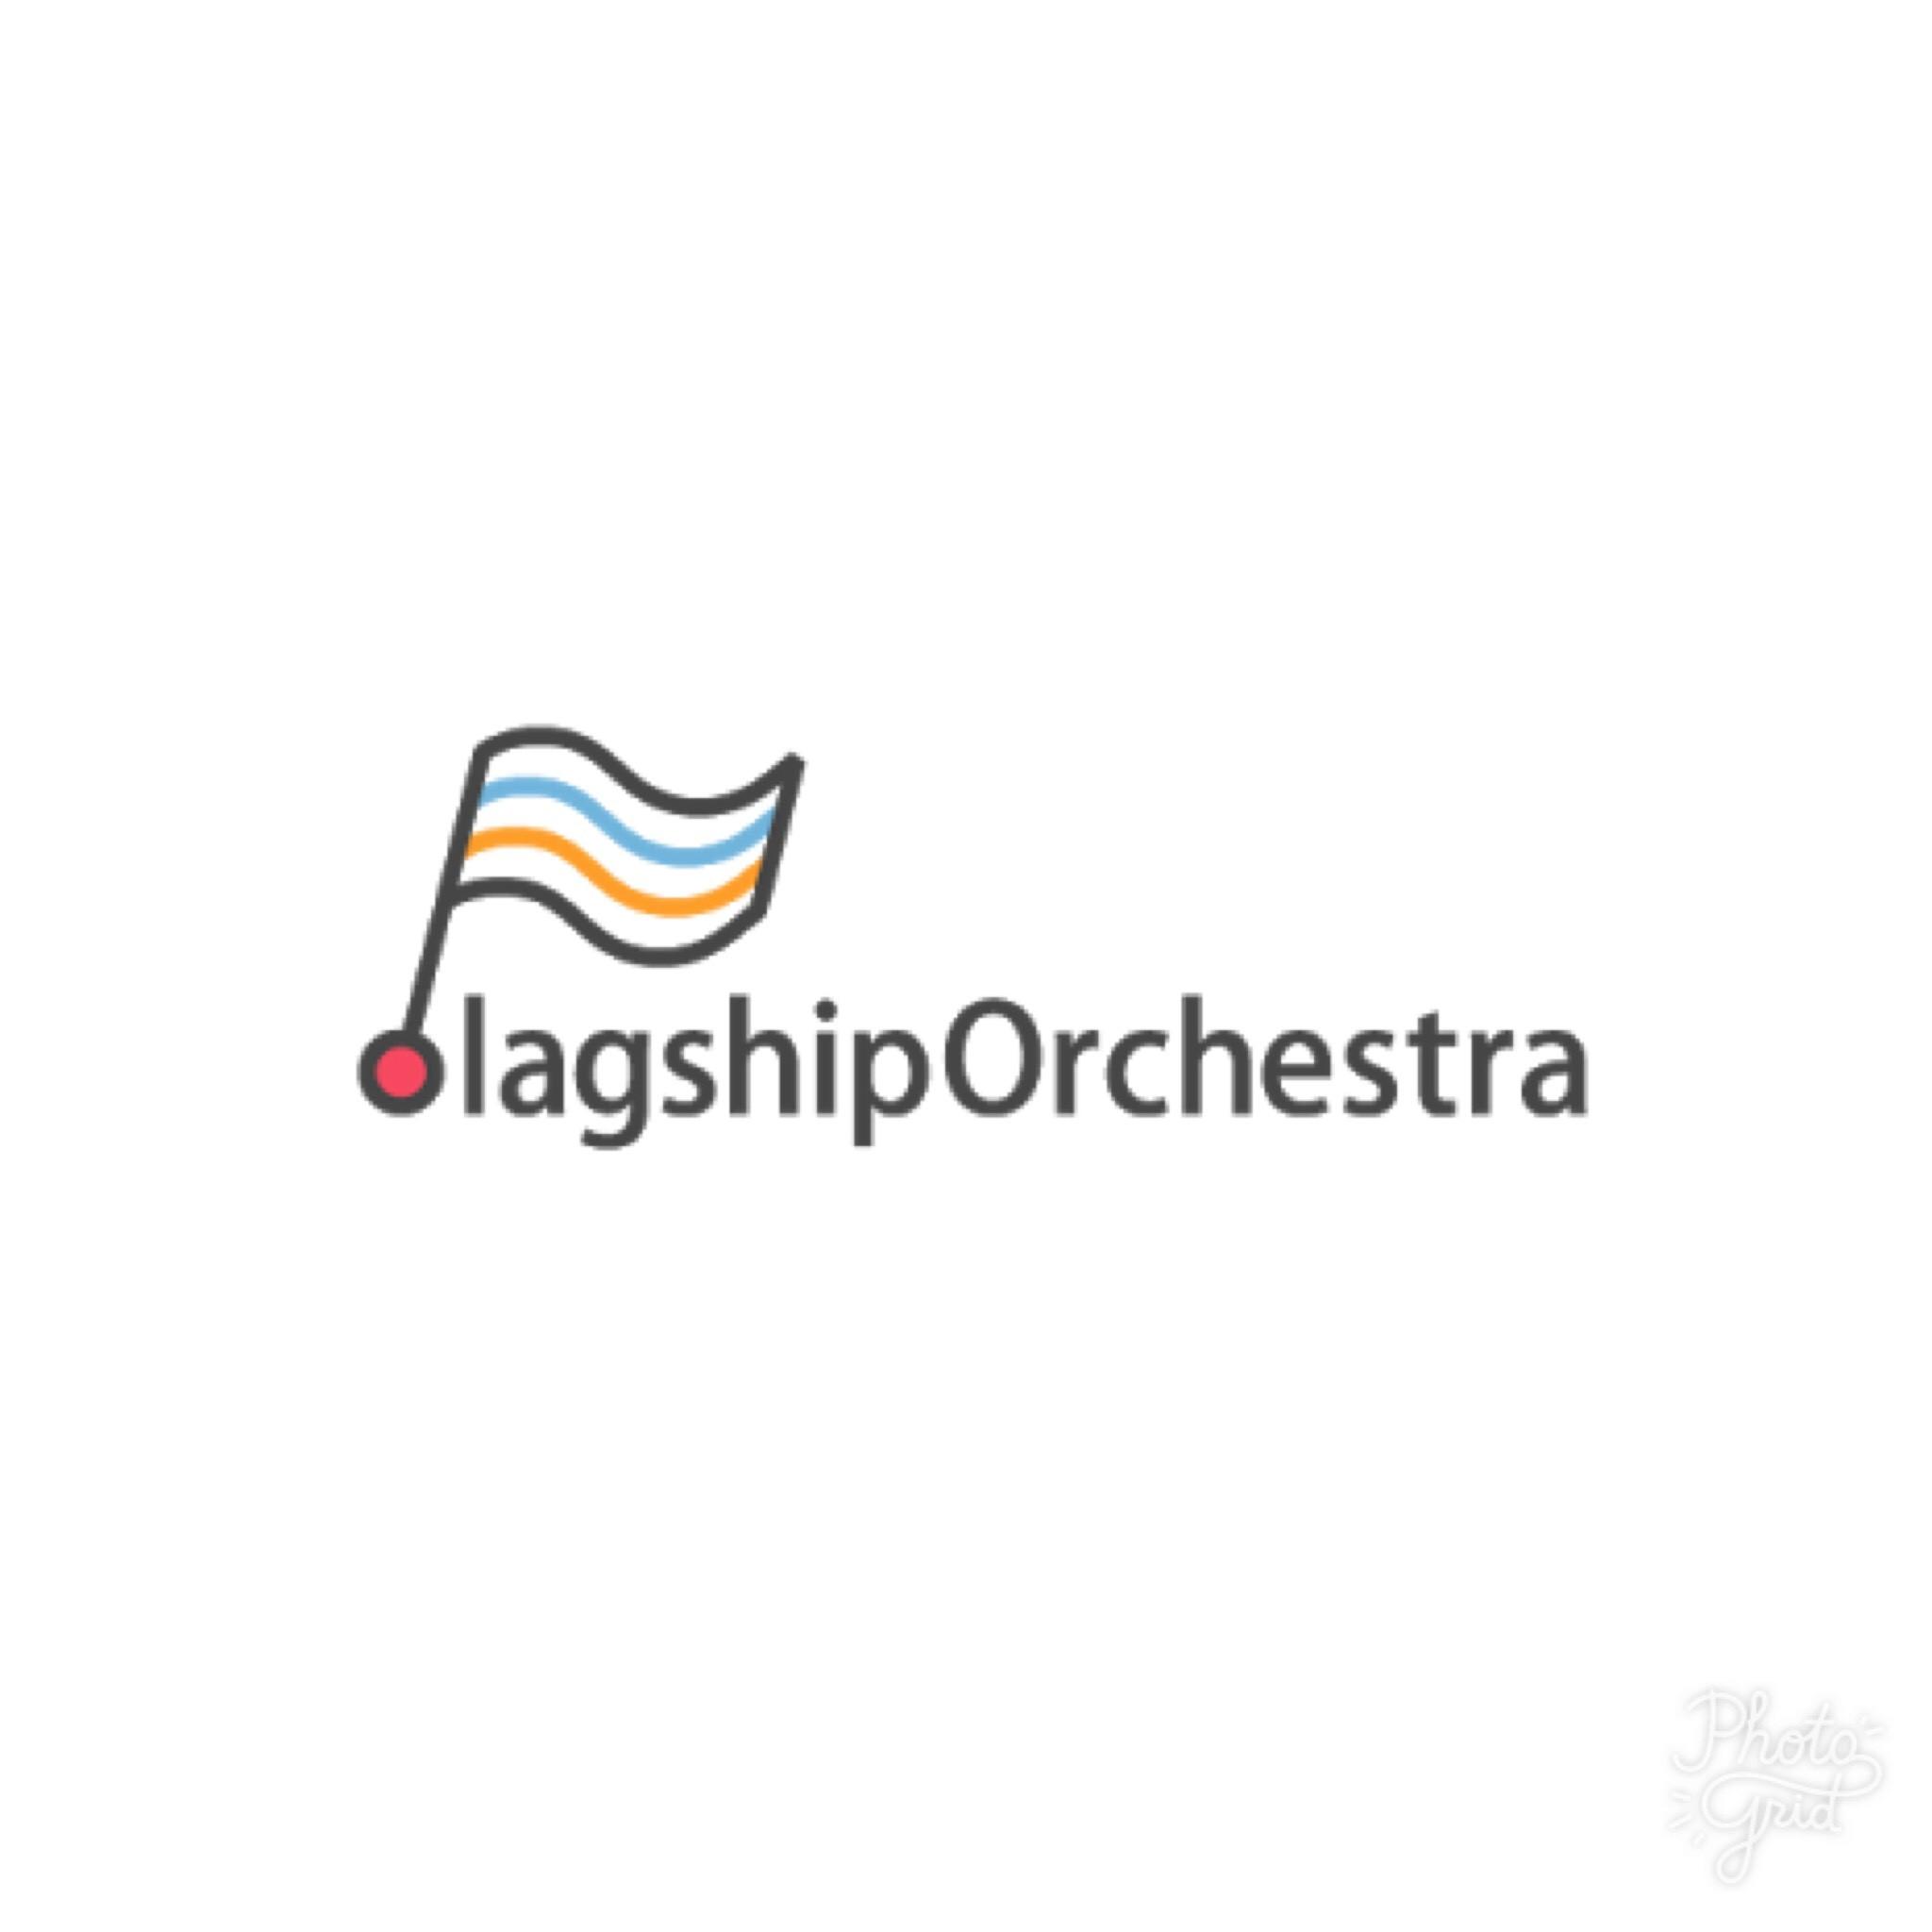 株式会社フラッグシップオーケストラのロゴ画像